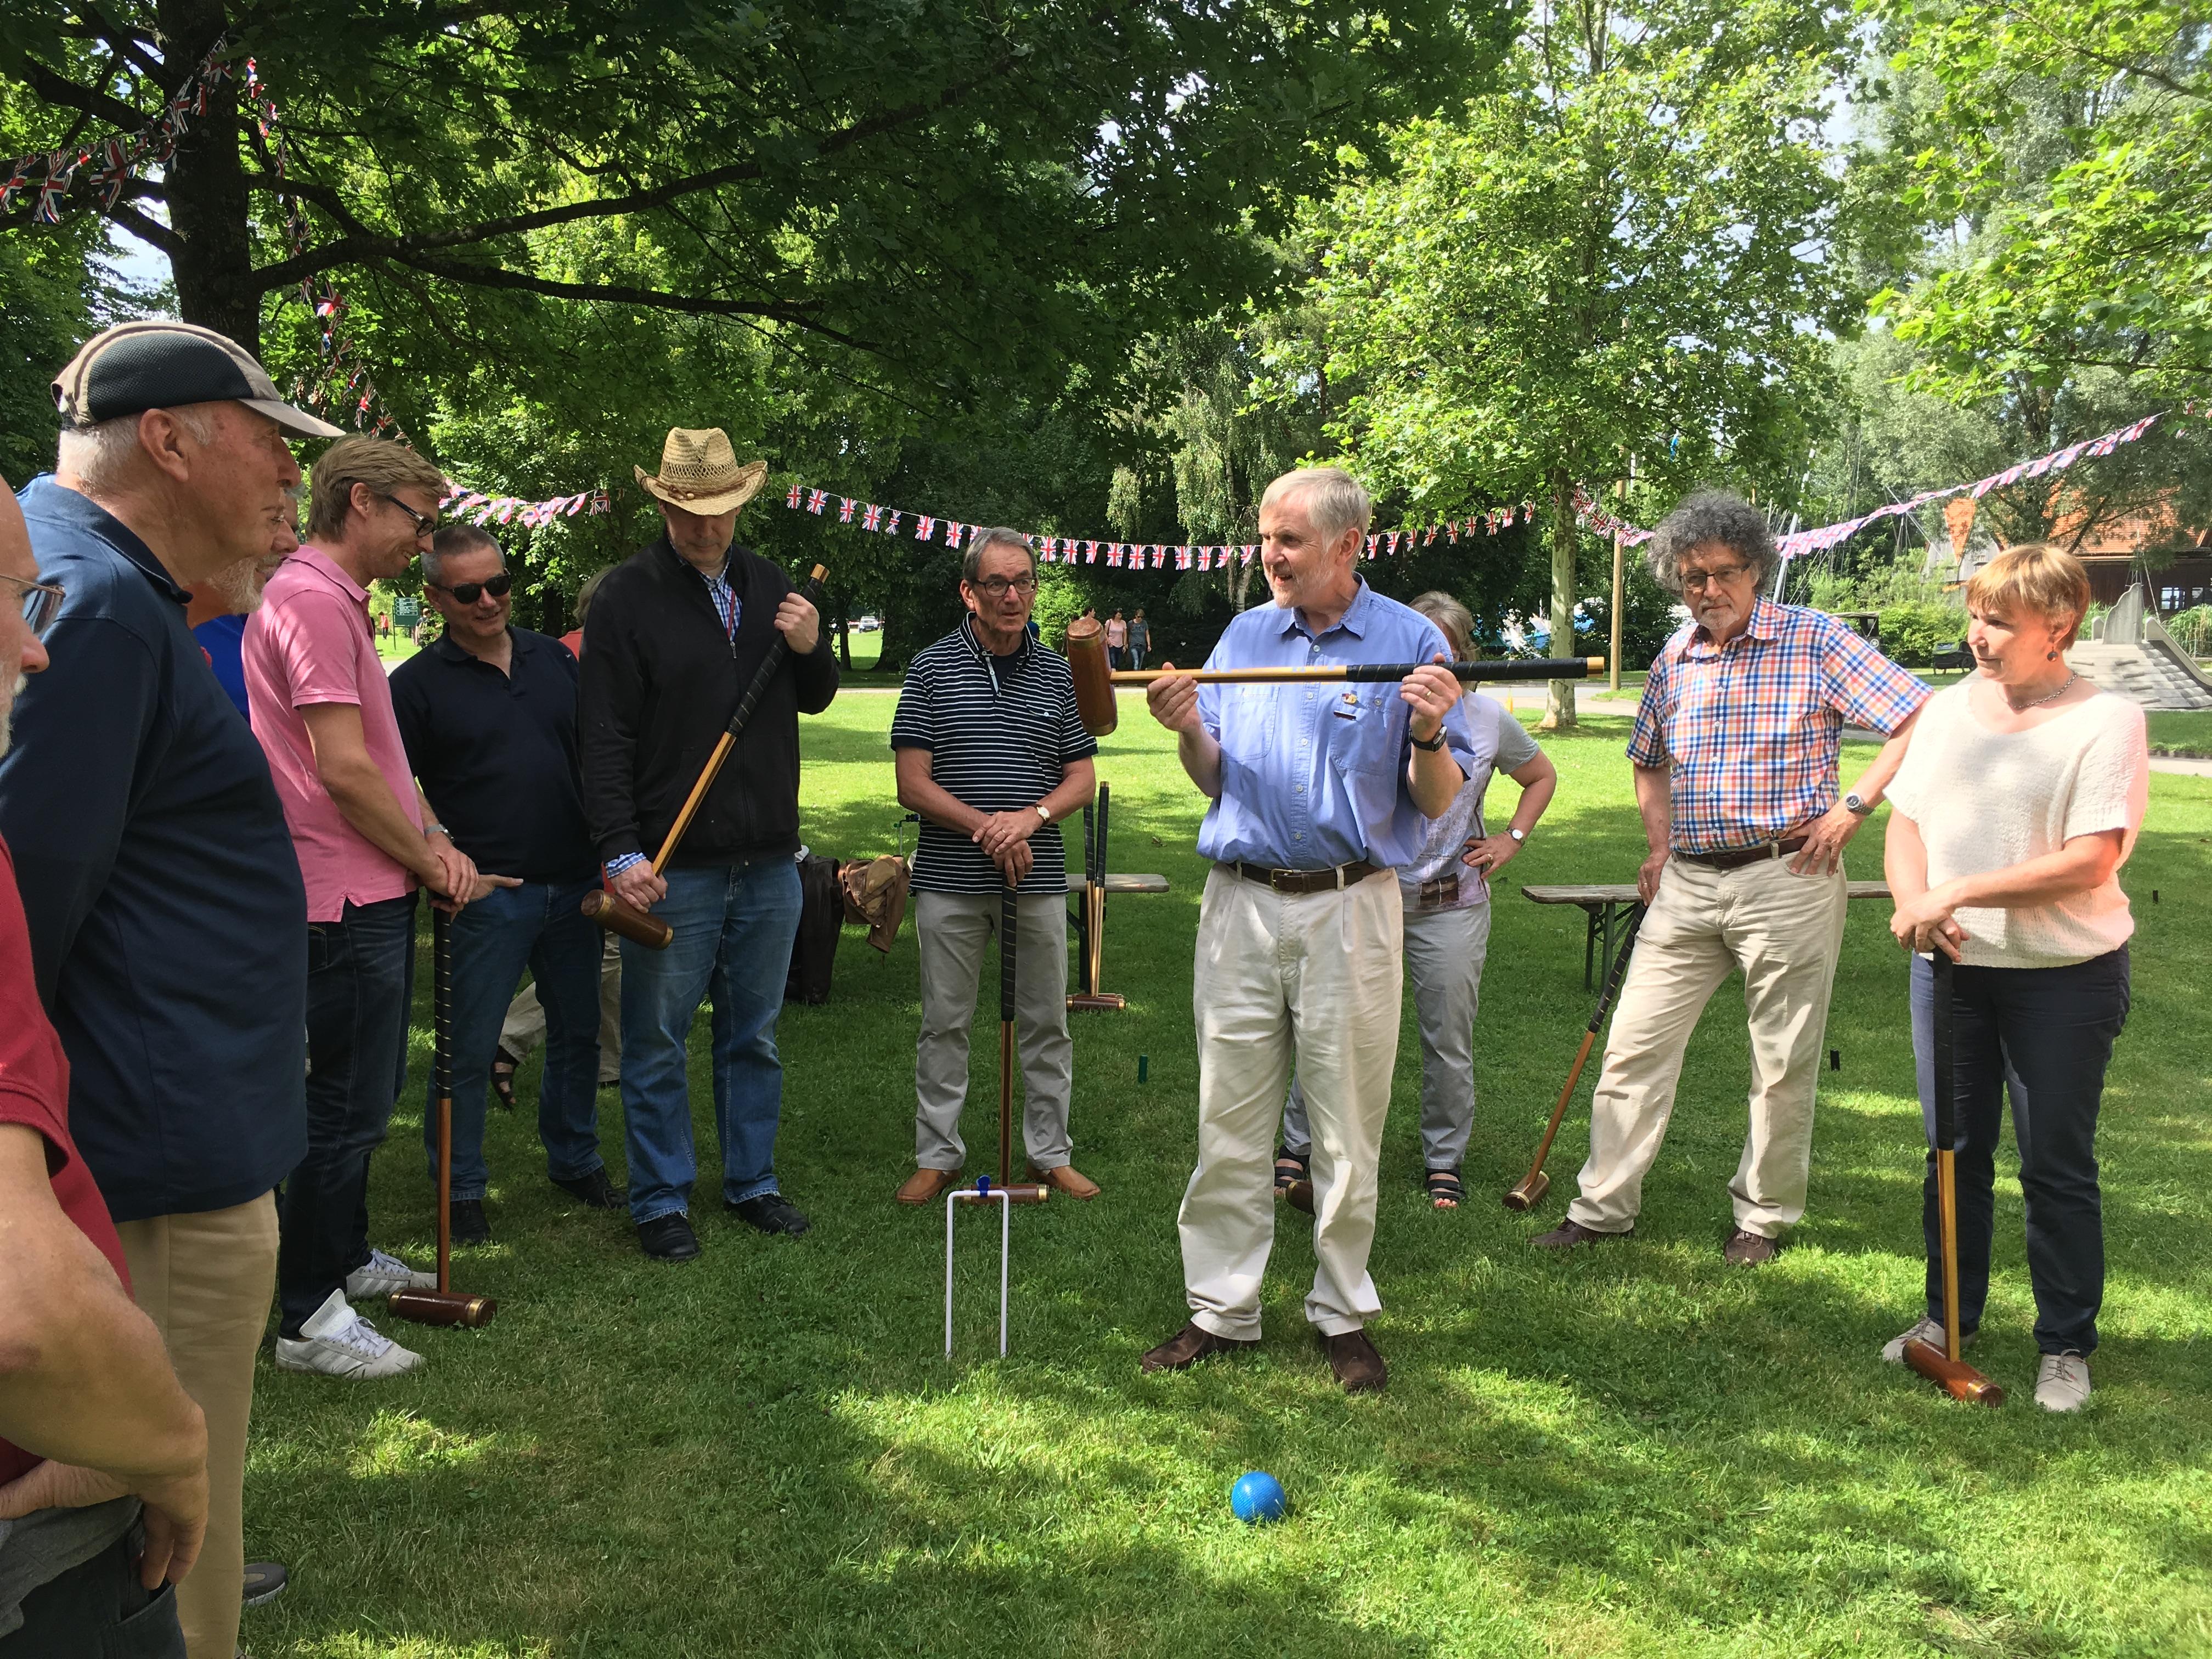 Am 17.7 fand das berühmte FAW Croquet-Turnier statt